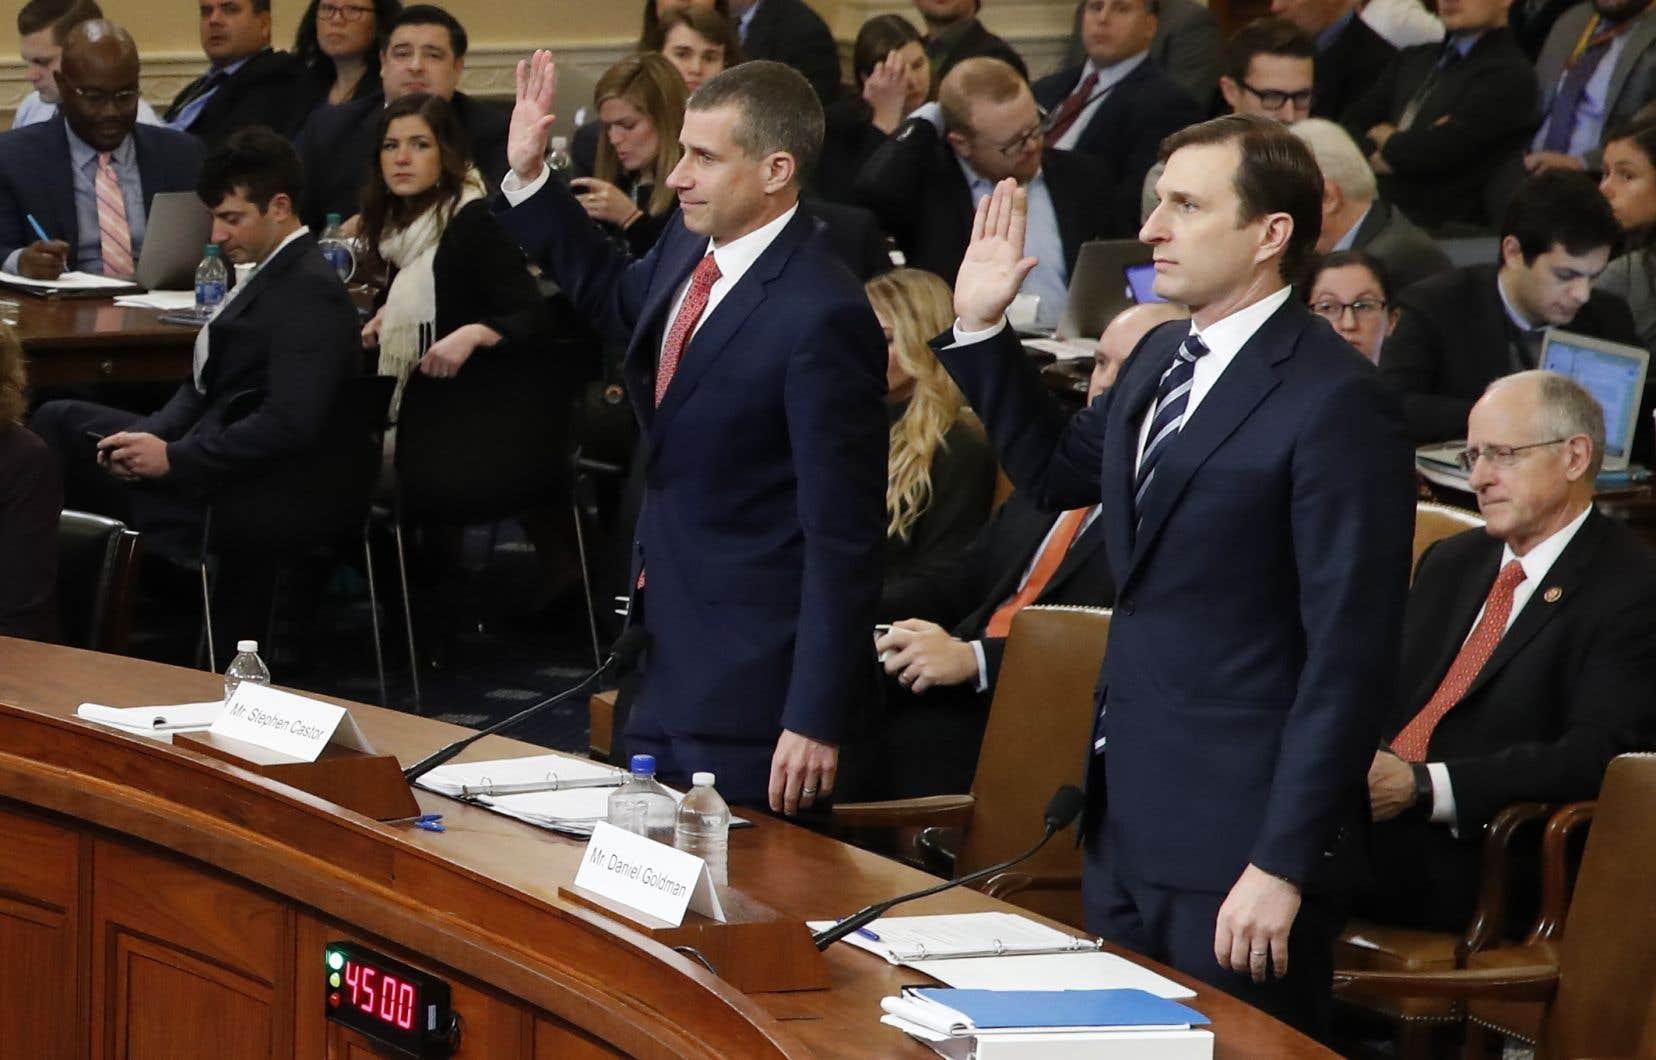 Les juristes Steve Castor et Daniel Goldman, qui représentent respectivement la minorité républicaine et la majorité démocrate, prêtent serment devant la commission judiciaire du Congrès.